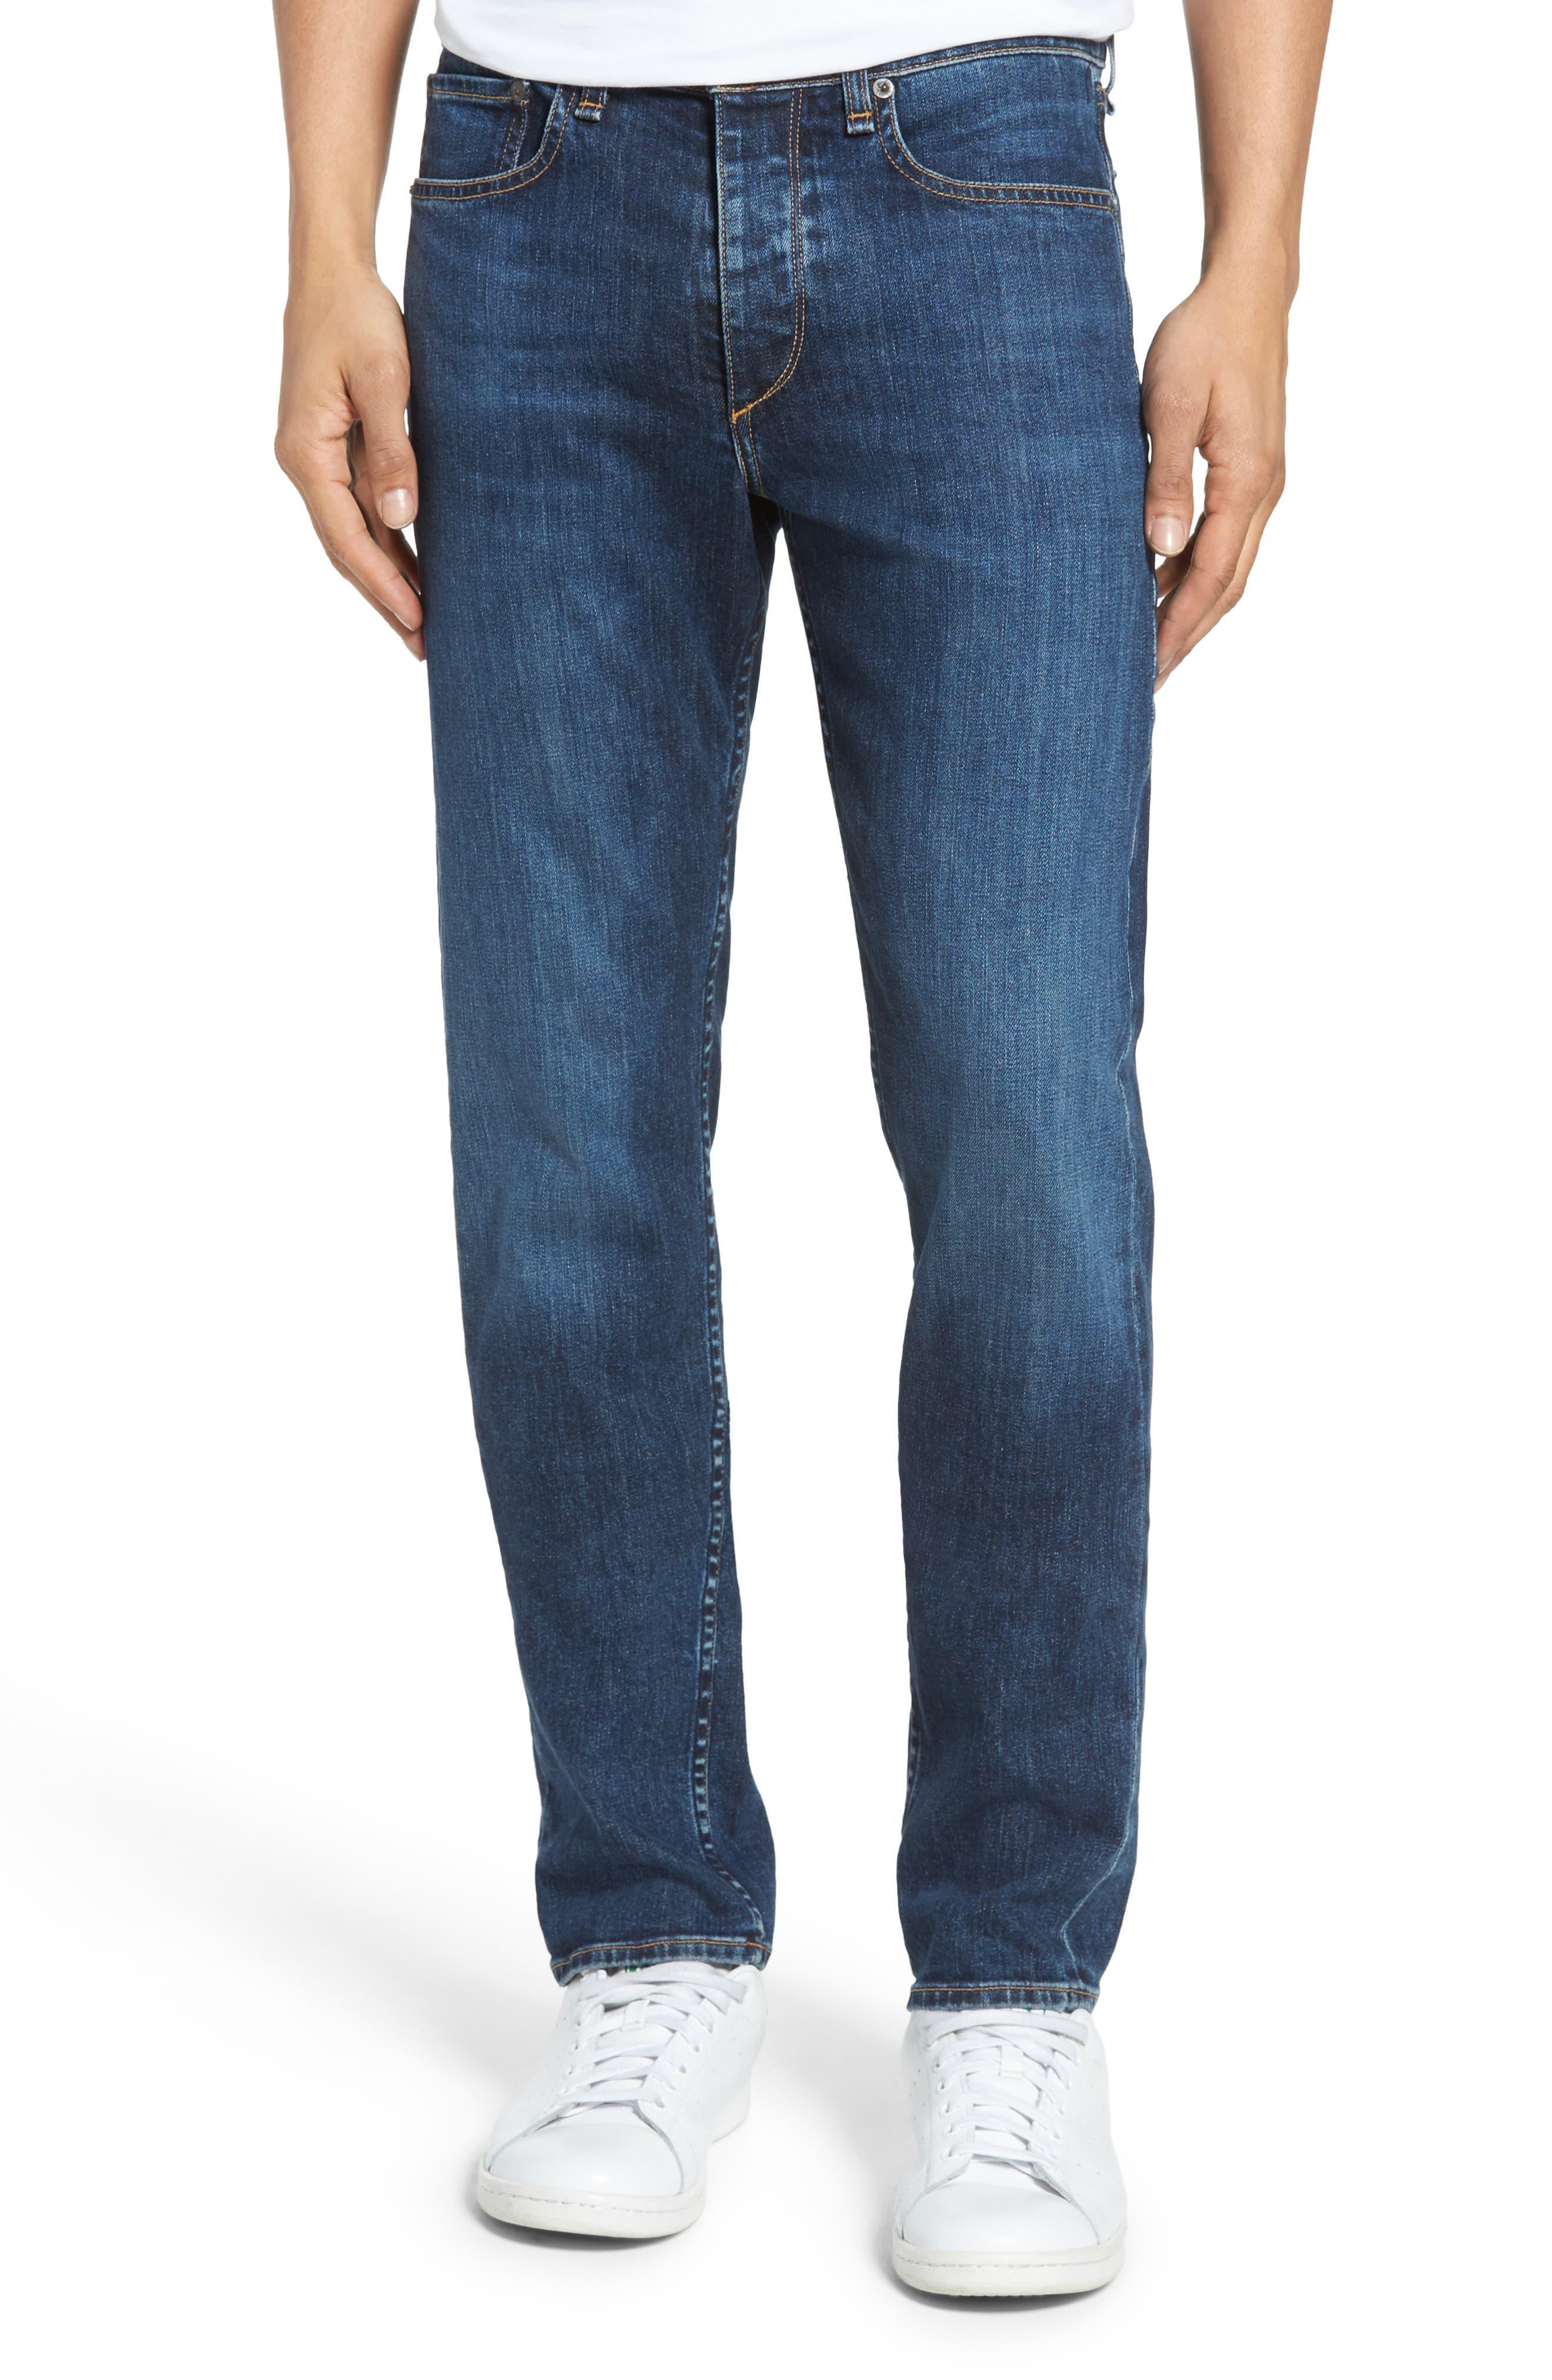 Fit 2 Slim Fit Jeans,                         Main,                         color, Dukes